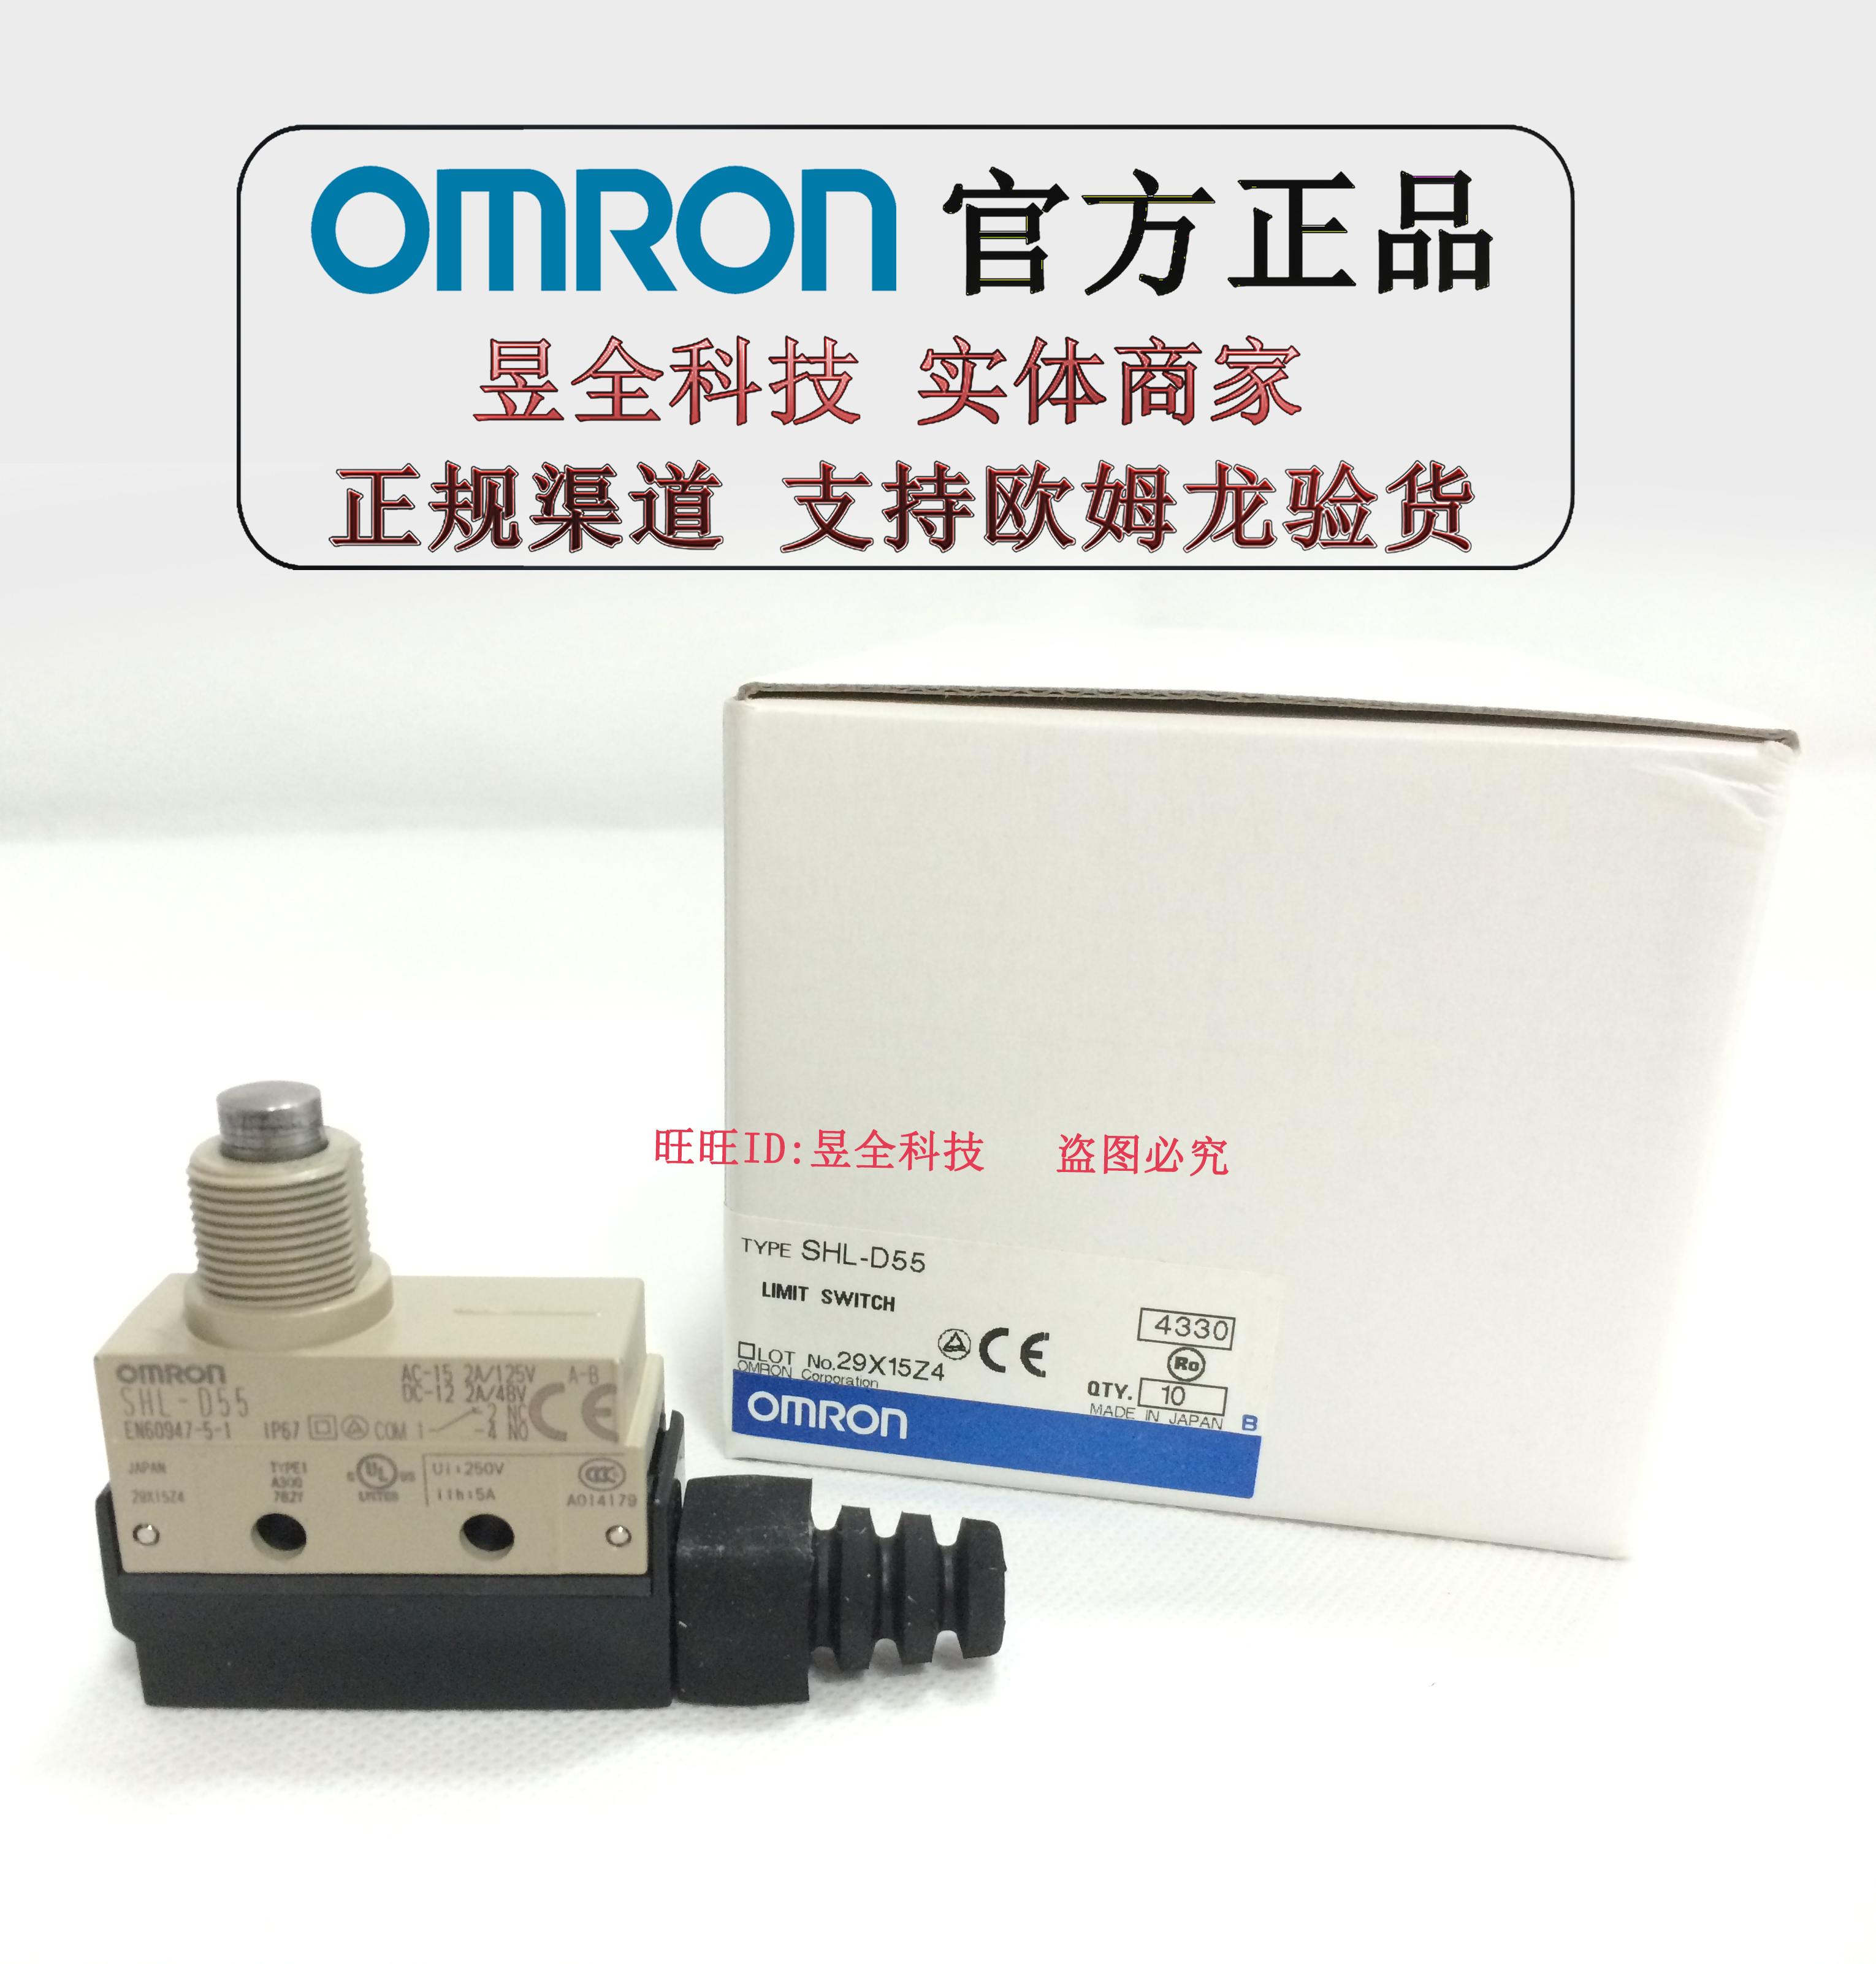 Omron omron SHL-D55SHL-Q55Q2255Q2155W2155 schlaganfall endschalter